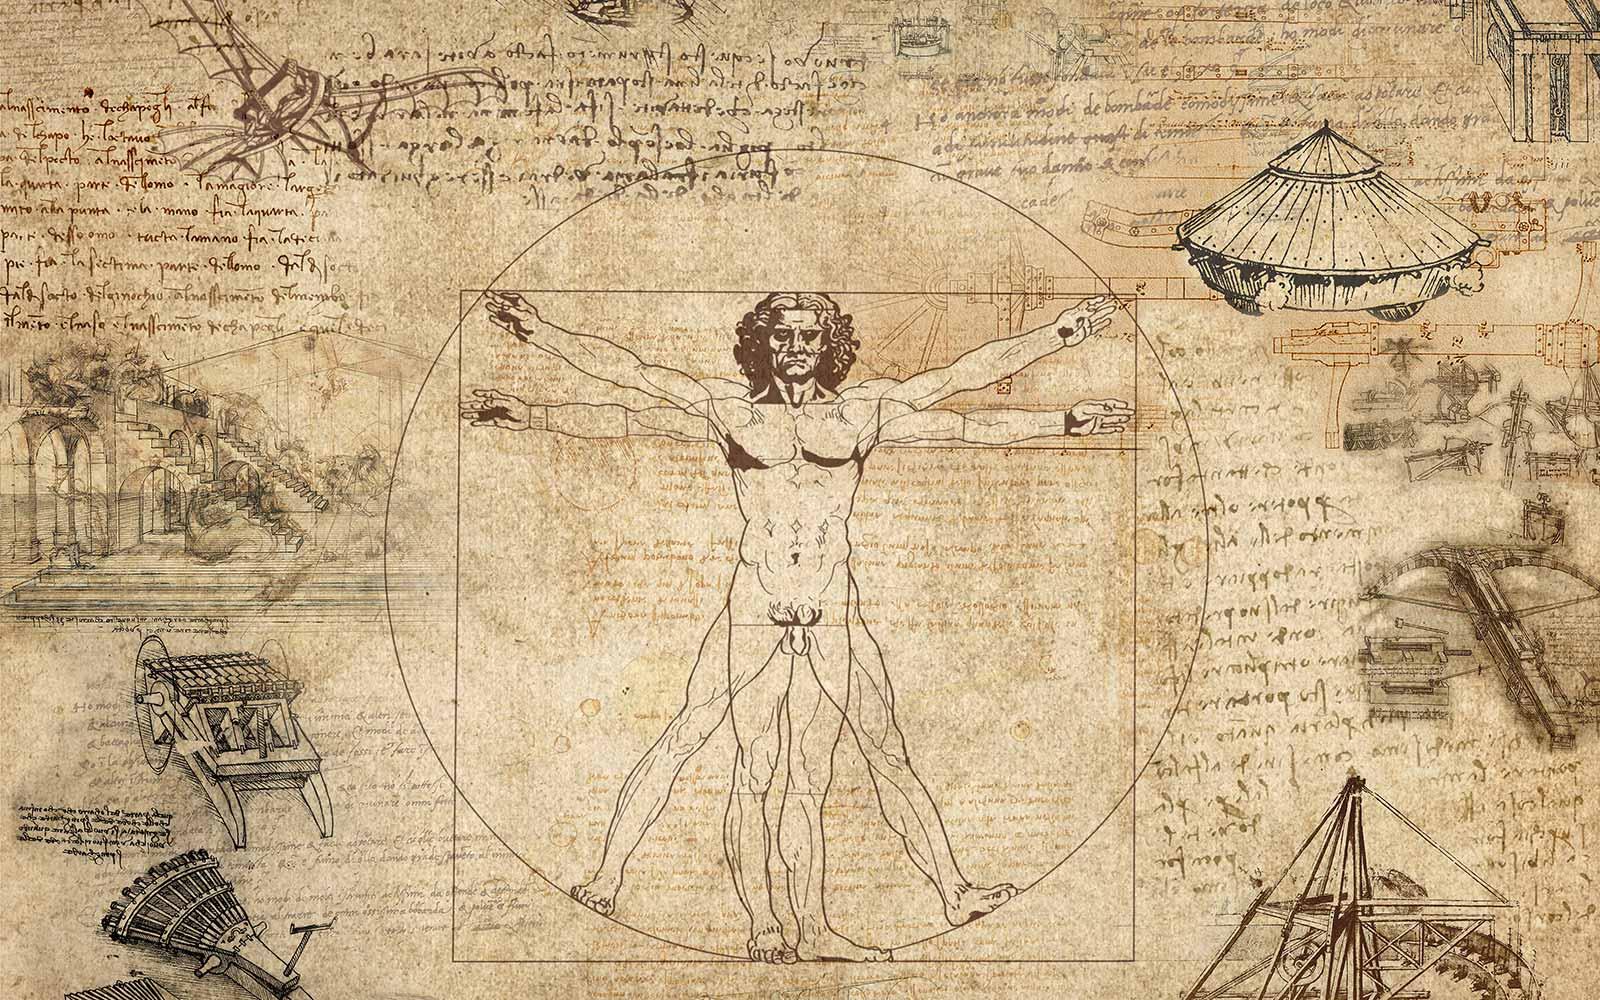 The Da Vinci Code Trail